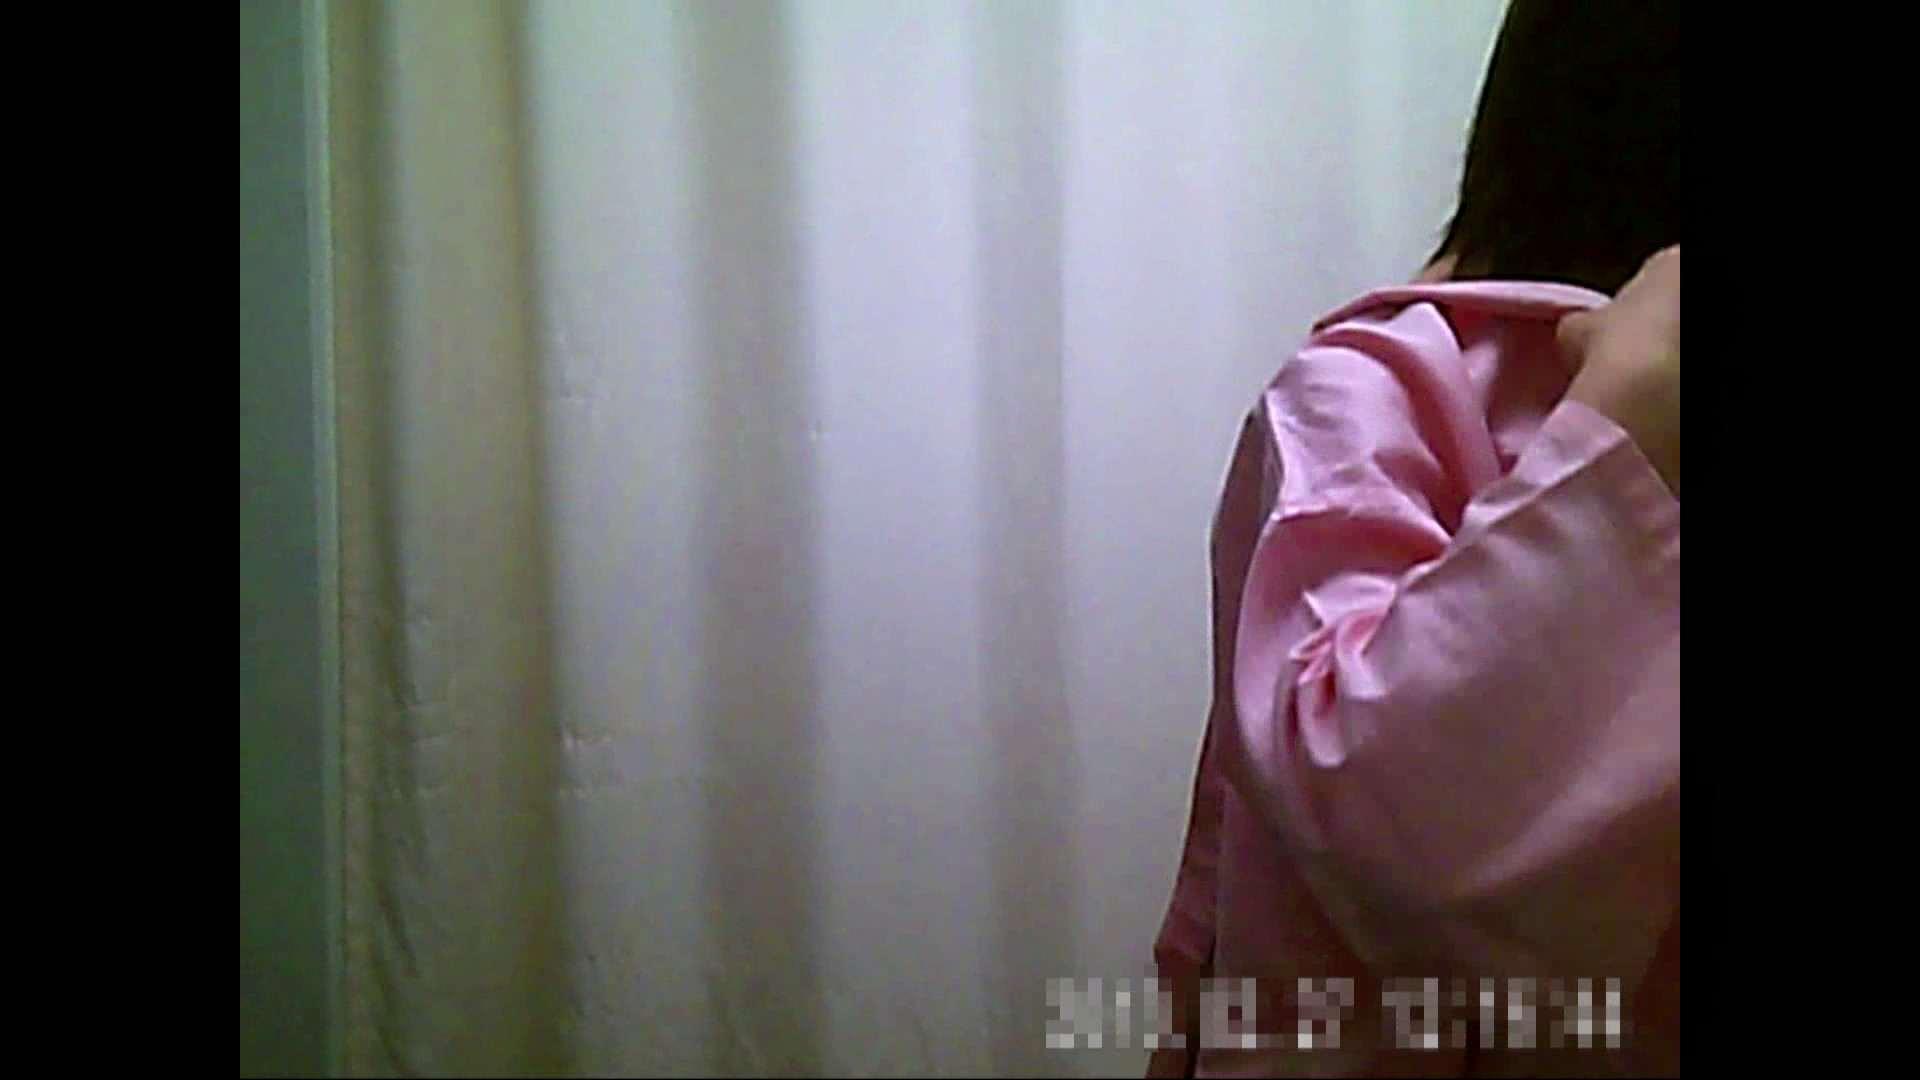 病院おもいっきり着替え! vol.191 OLの実態 盗撮セックス無修正動画無料 101pic 93